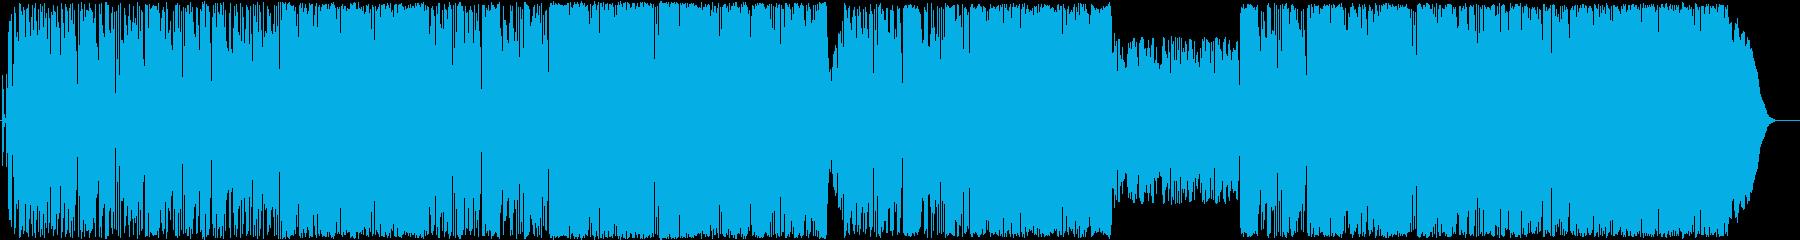 ロックアンドディストーションの再生済みの波形